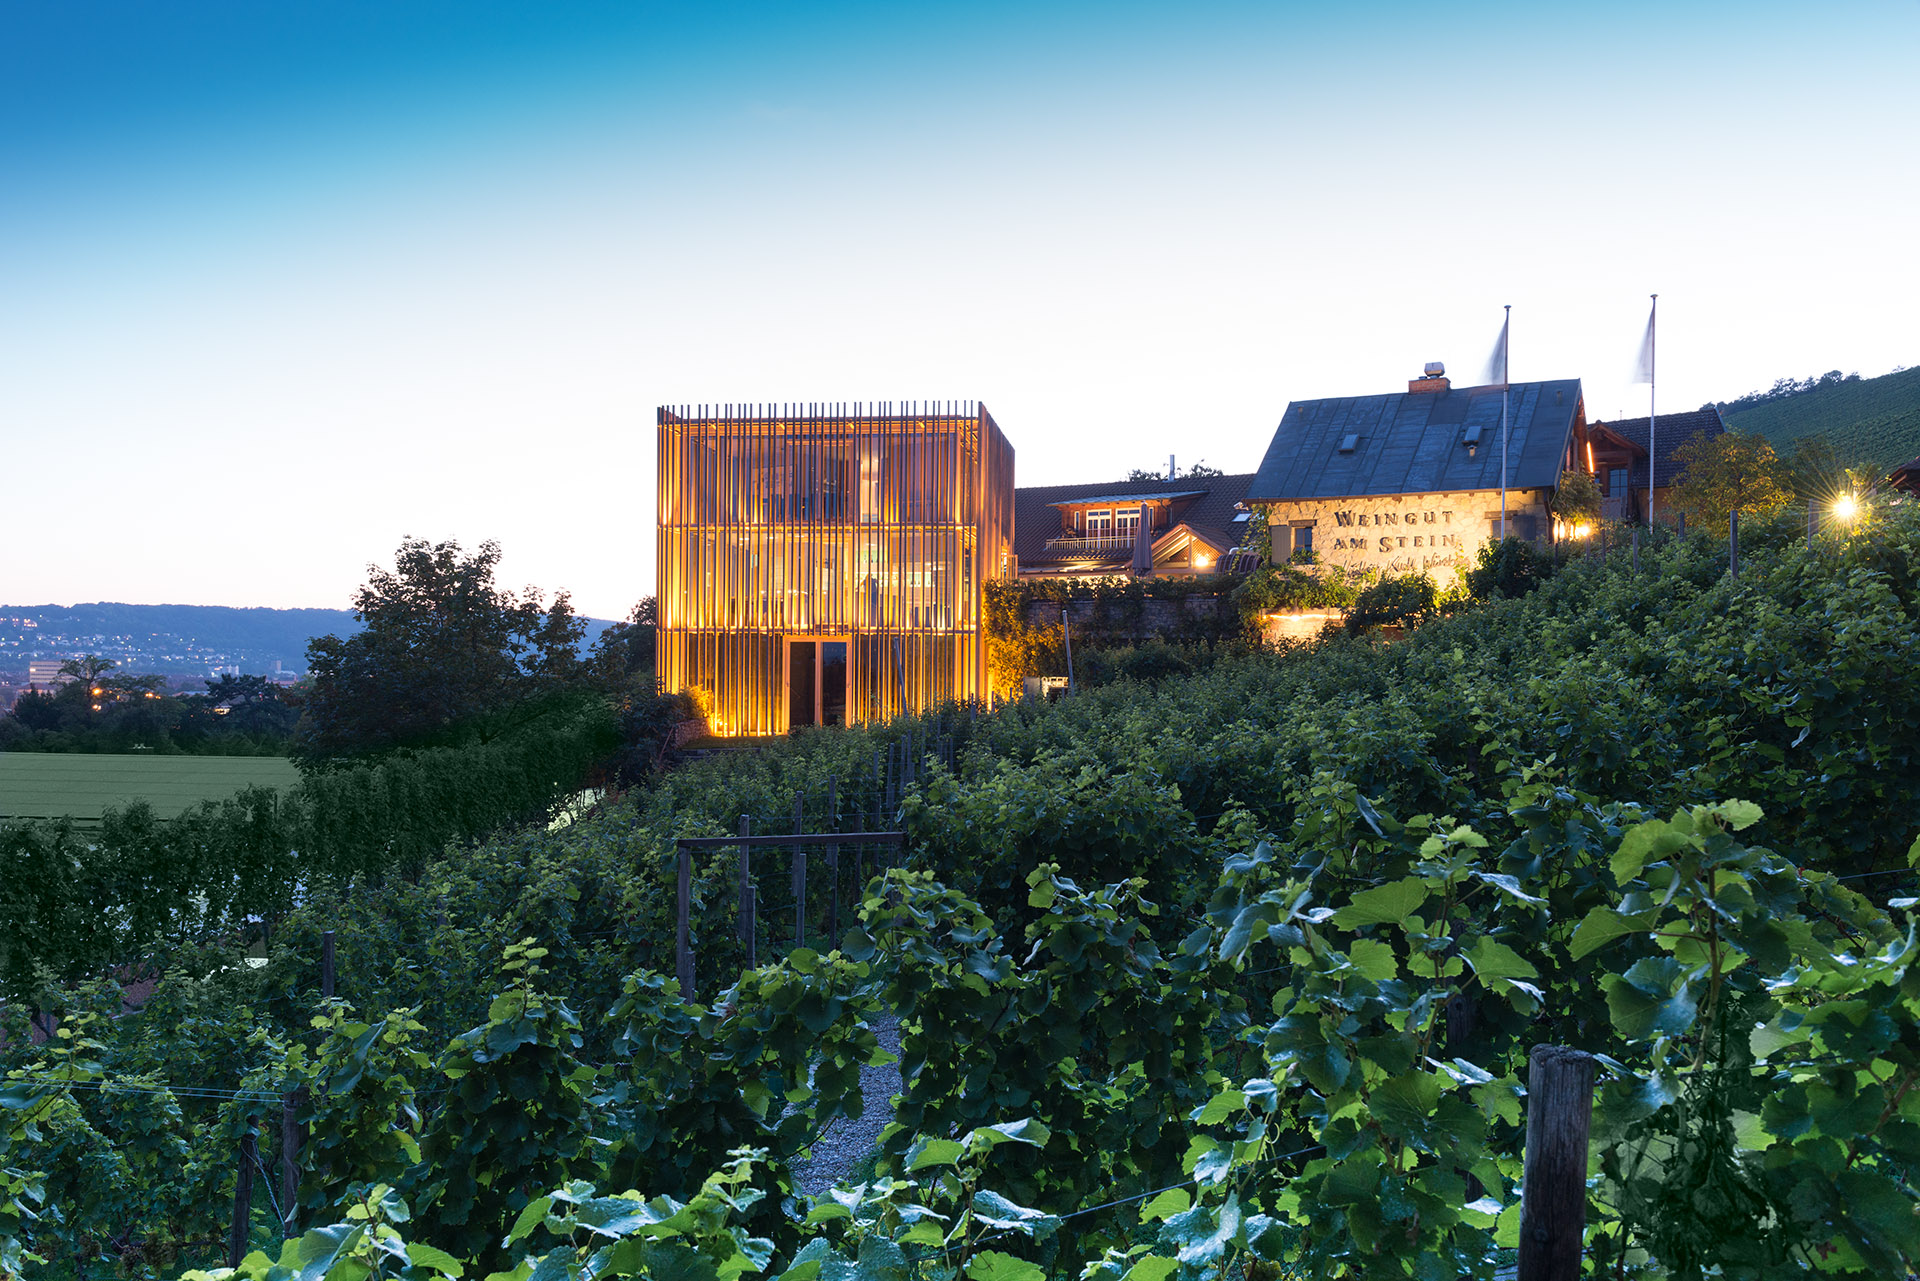 Außenansicht Weingut am Stein in Würzburg mit Blick auf Vinothek und Weinberg. Feigfotodesign